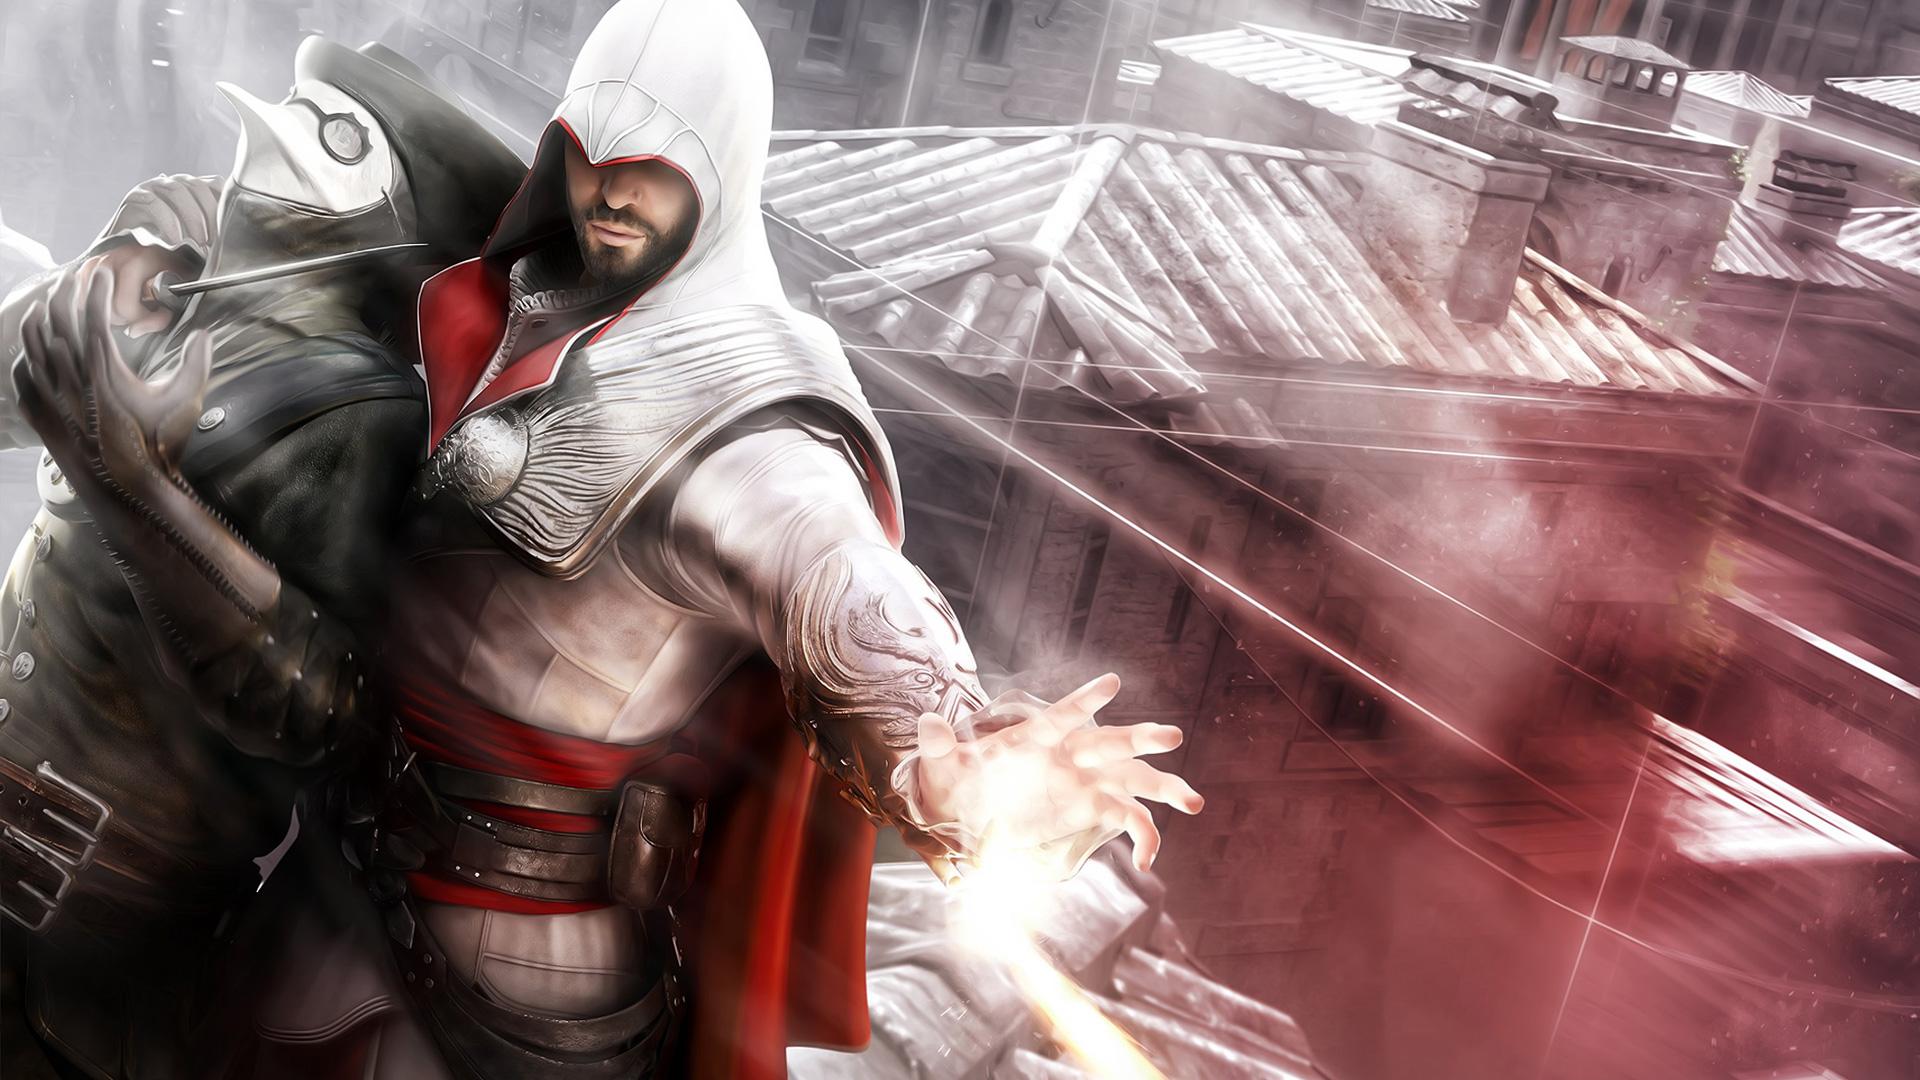 Assassins Creed Brotherhood Wallpaper 11 Wallpapersbq